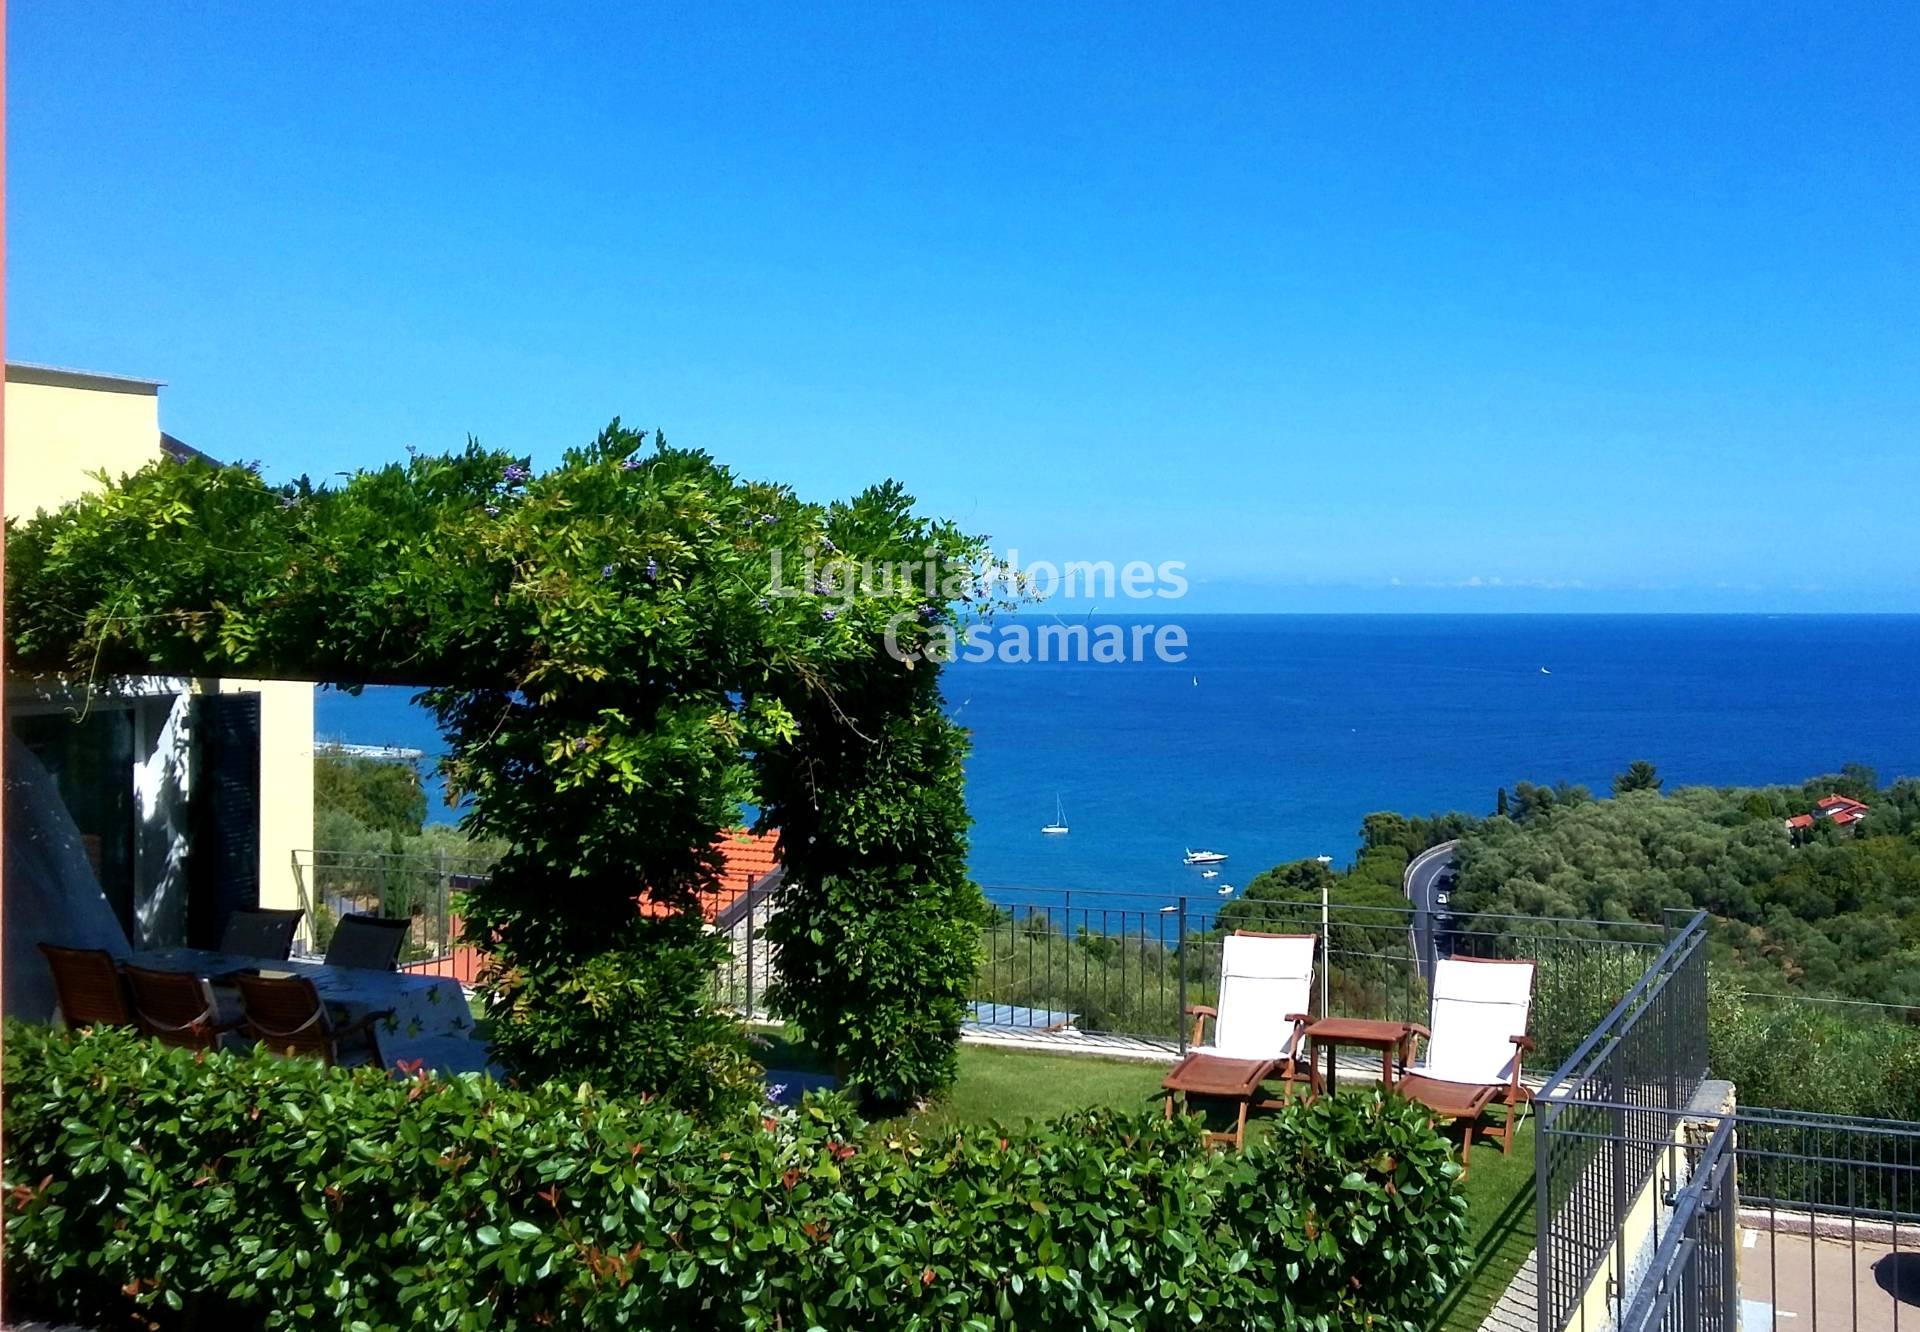 Villa for Sale in Diano Marina Ref 6V67